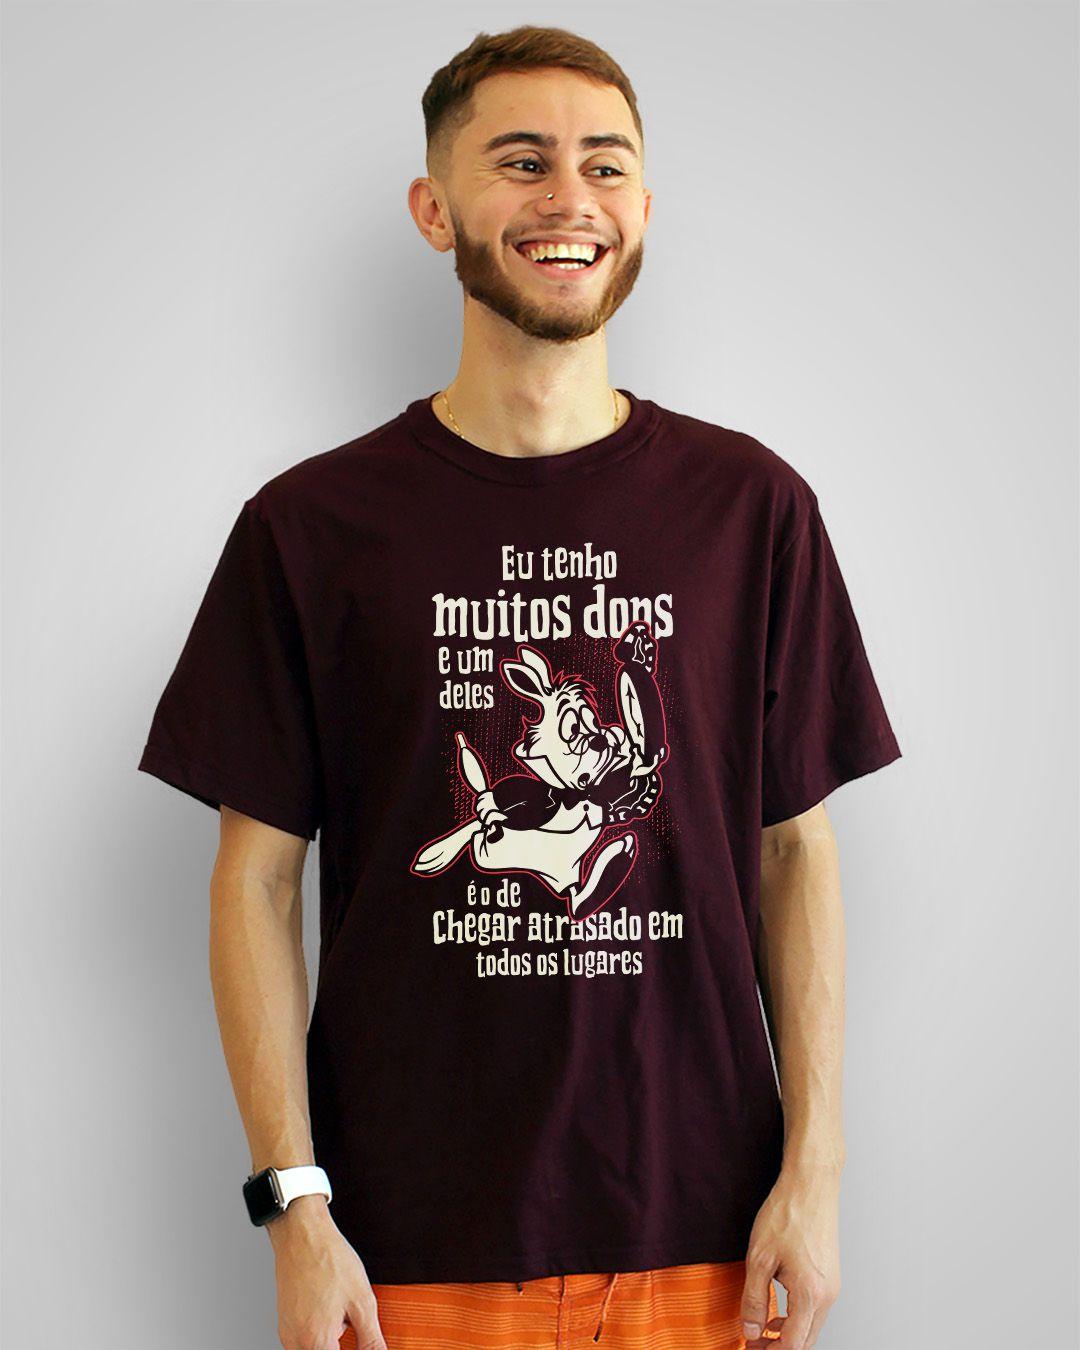 Camiseta Eu tenho muitos dons e um deles é o de chegar atrasado em todos os lugares